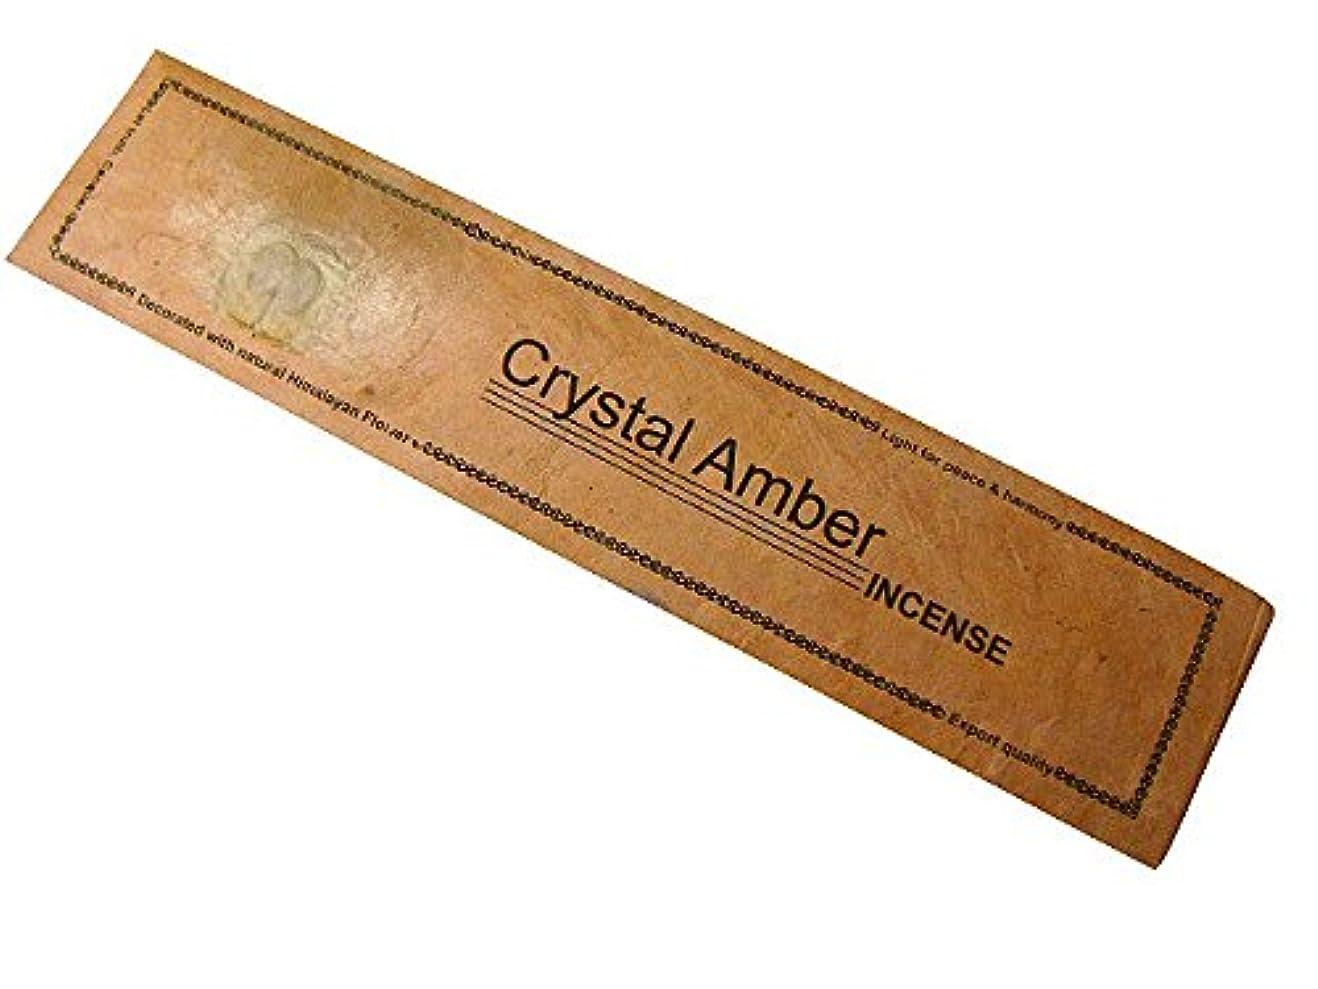 参加者飾る時代NEPAL INCENSE ネパールのロクタ紙にヒマラヤの押し花のお香【CrystalAmberクリスタルアンバー】 スティック